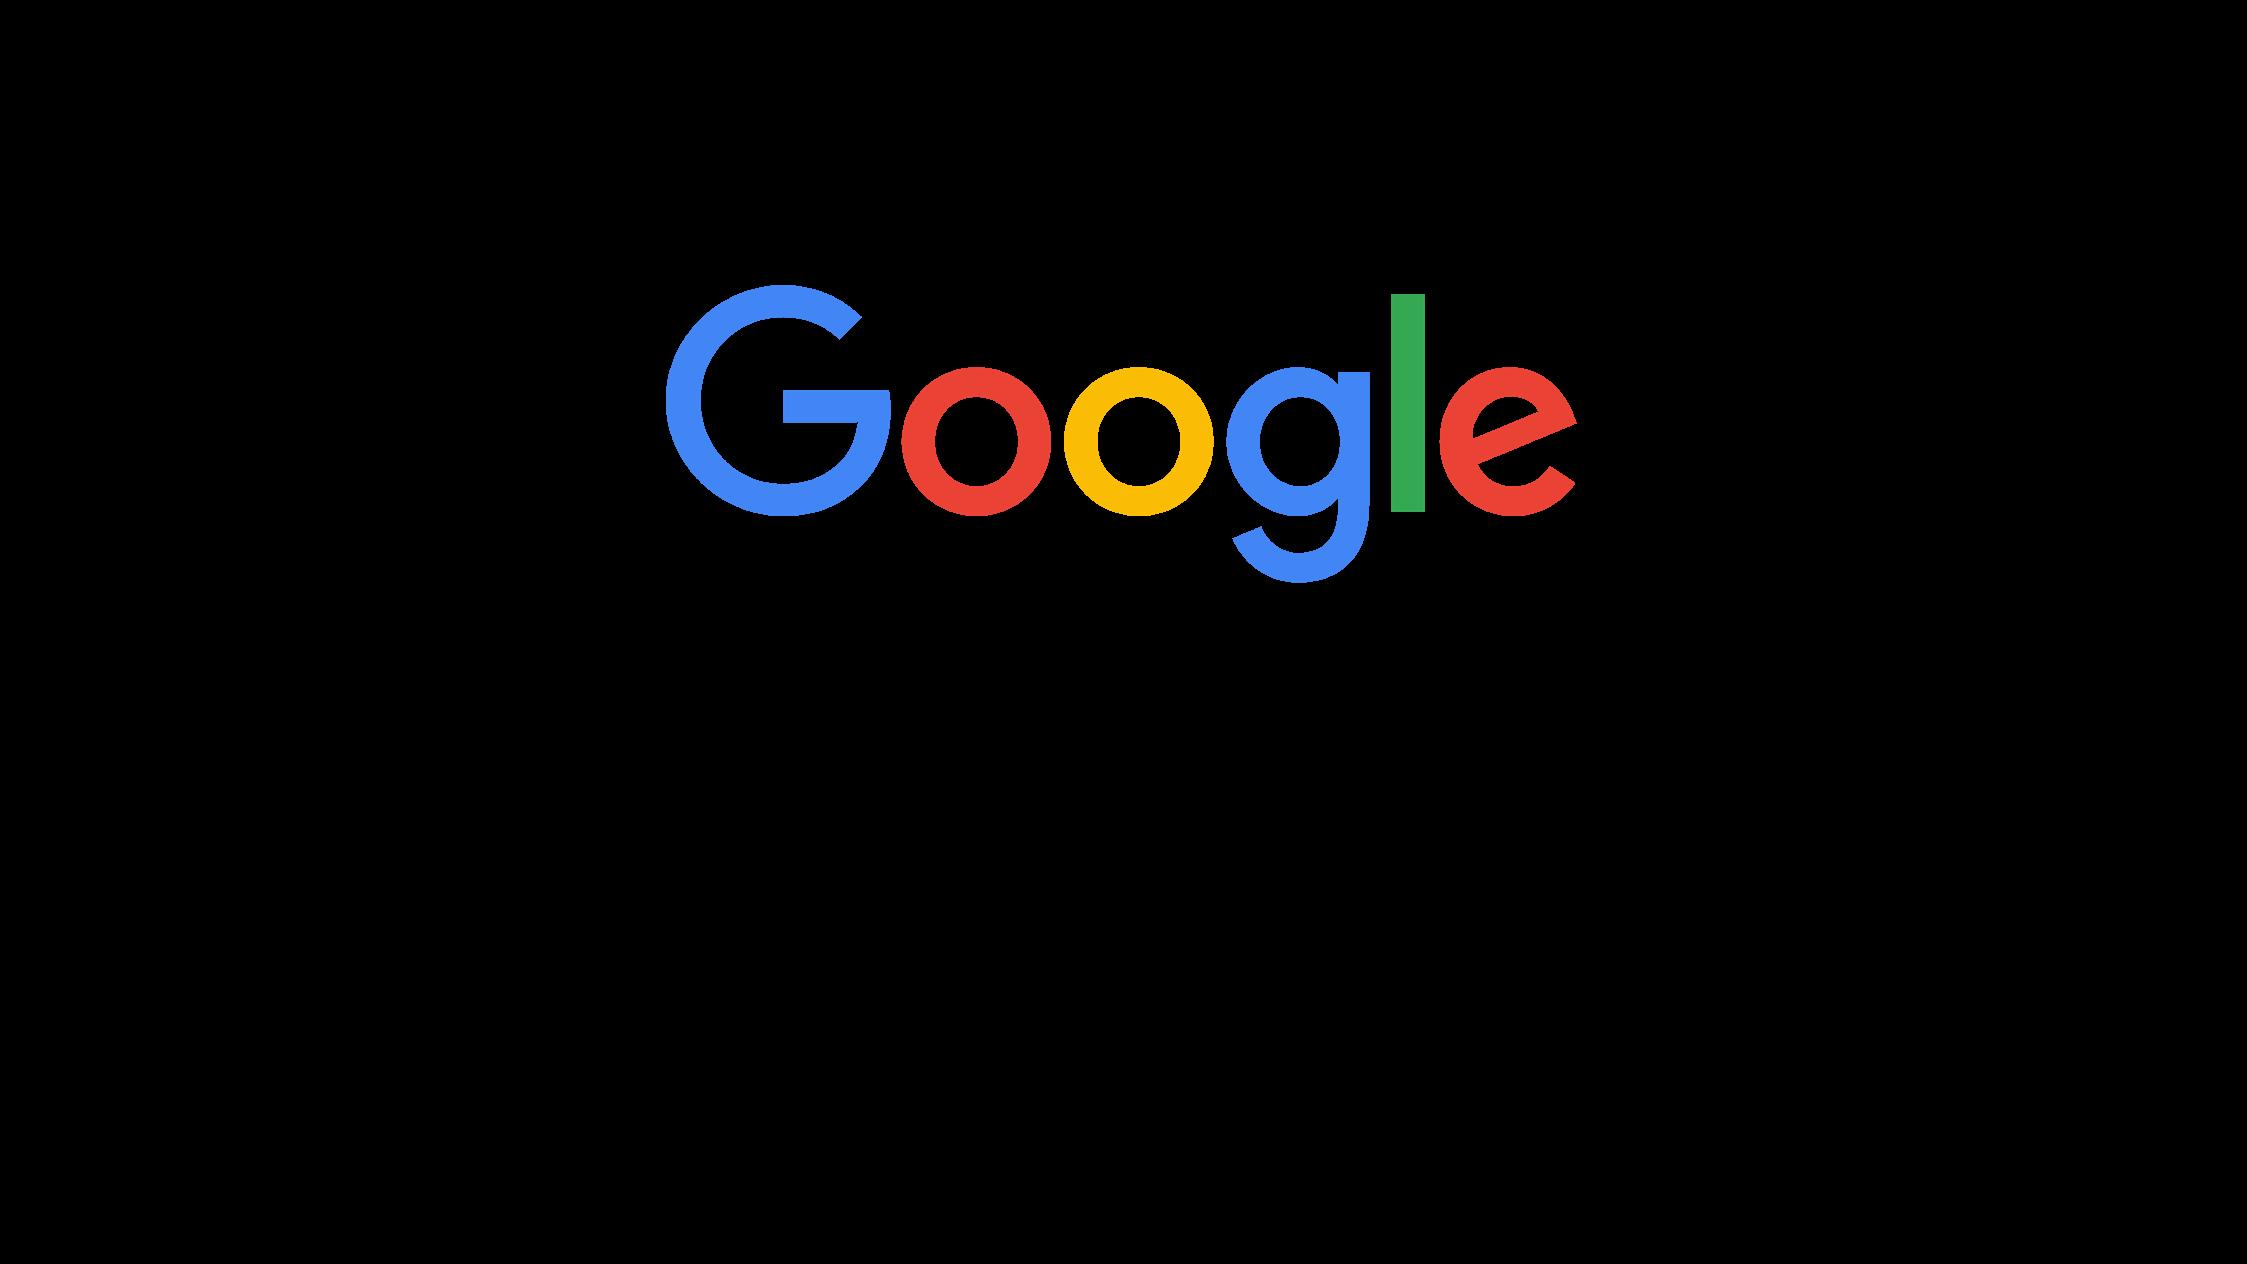 High Resolution Wallpaper | Google 2247x1264 px